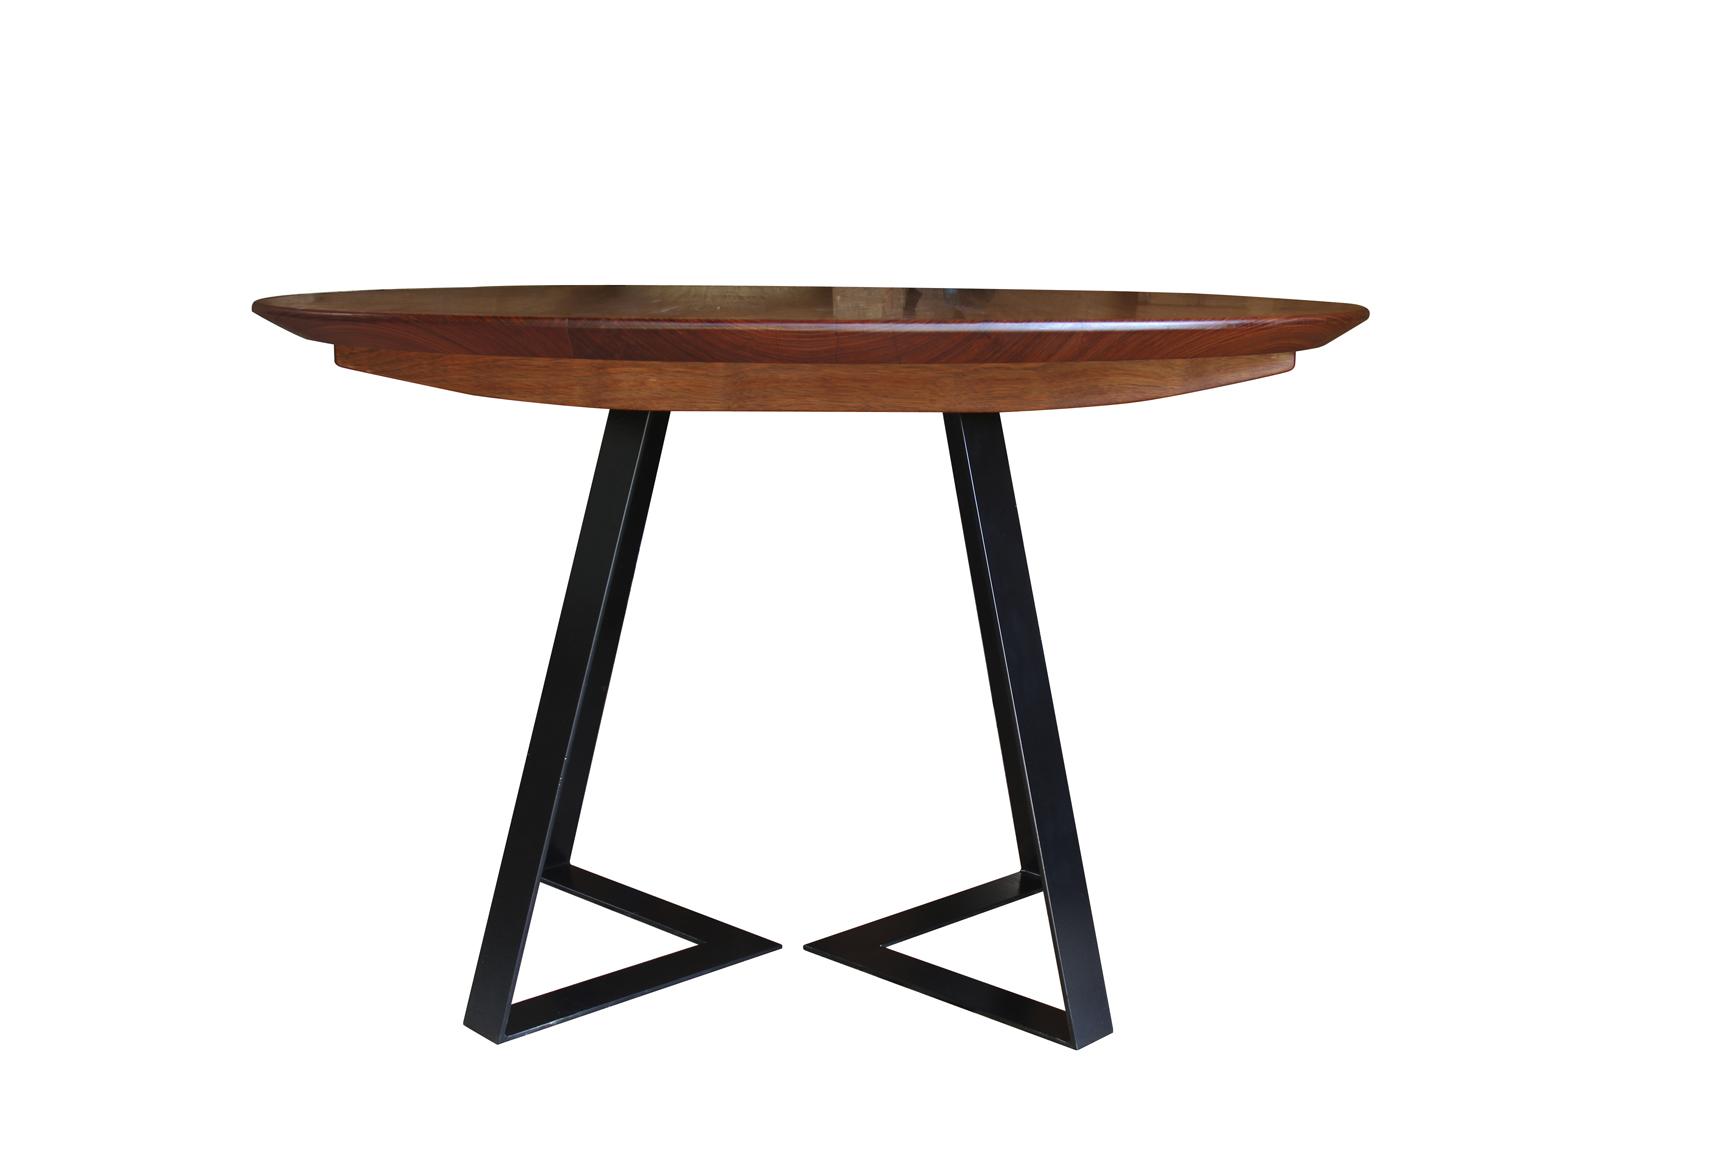 Mesa de jantar madeira Jatobá